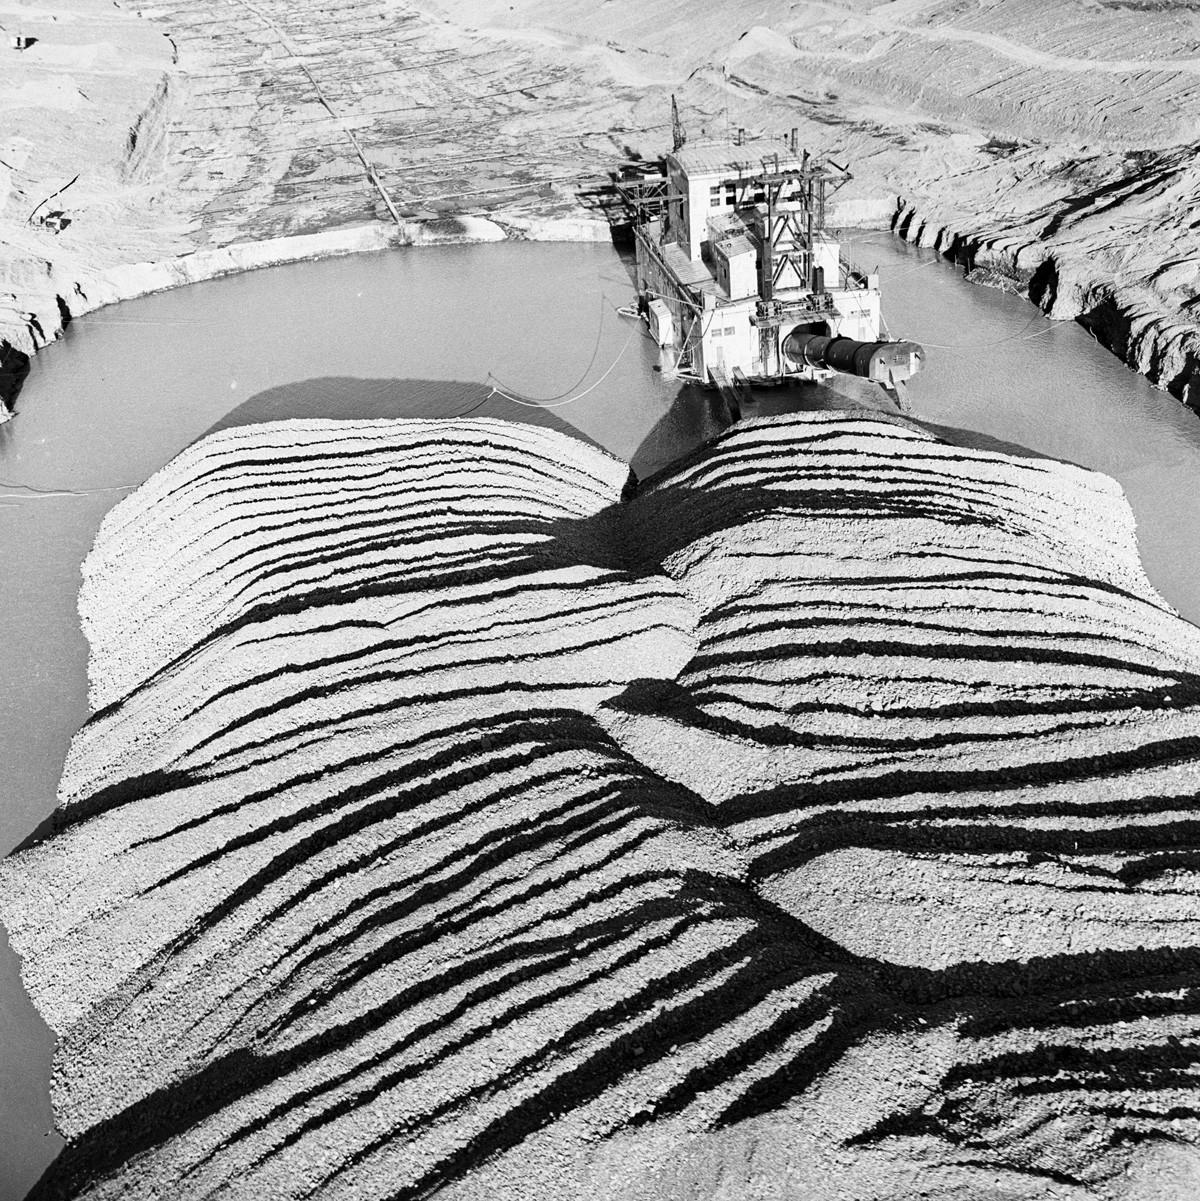 コリマ川アリスケロフ採金地、ビリビノ市マガダン州、1964年。ここは、砂金の処理能力が一日に数千トンで、数百人の労働者を交代している。